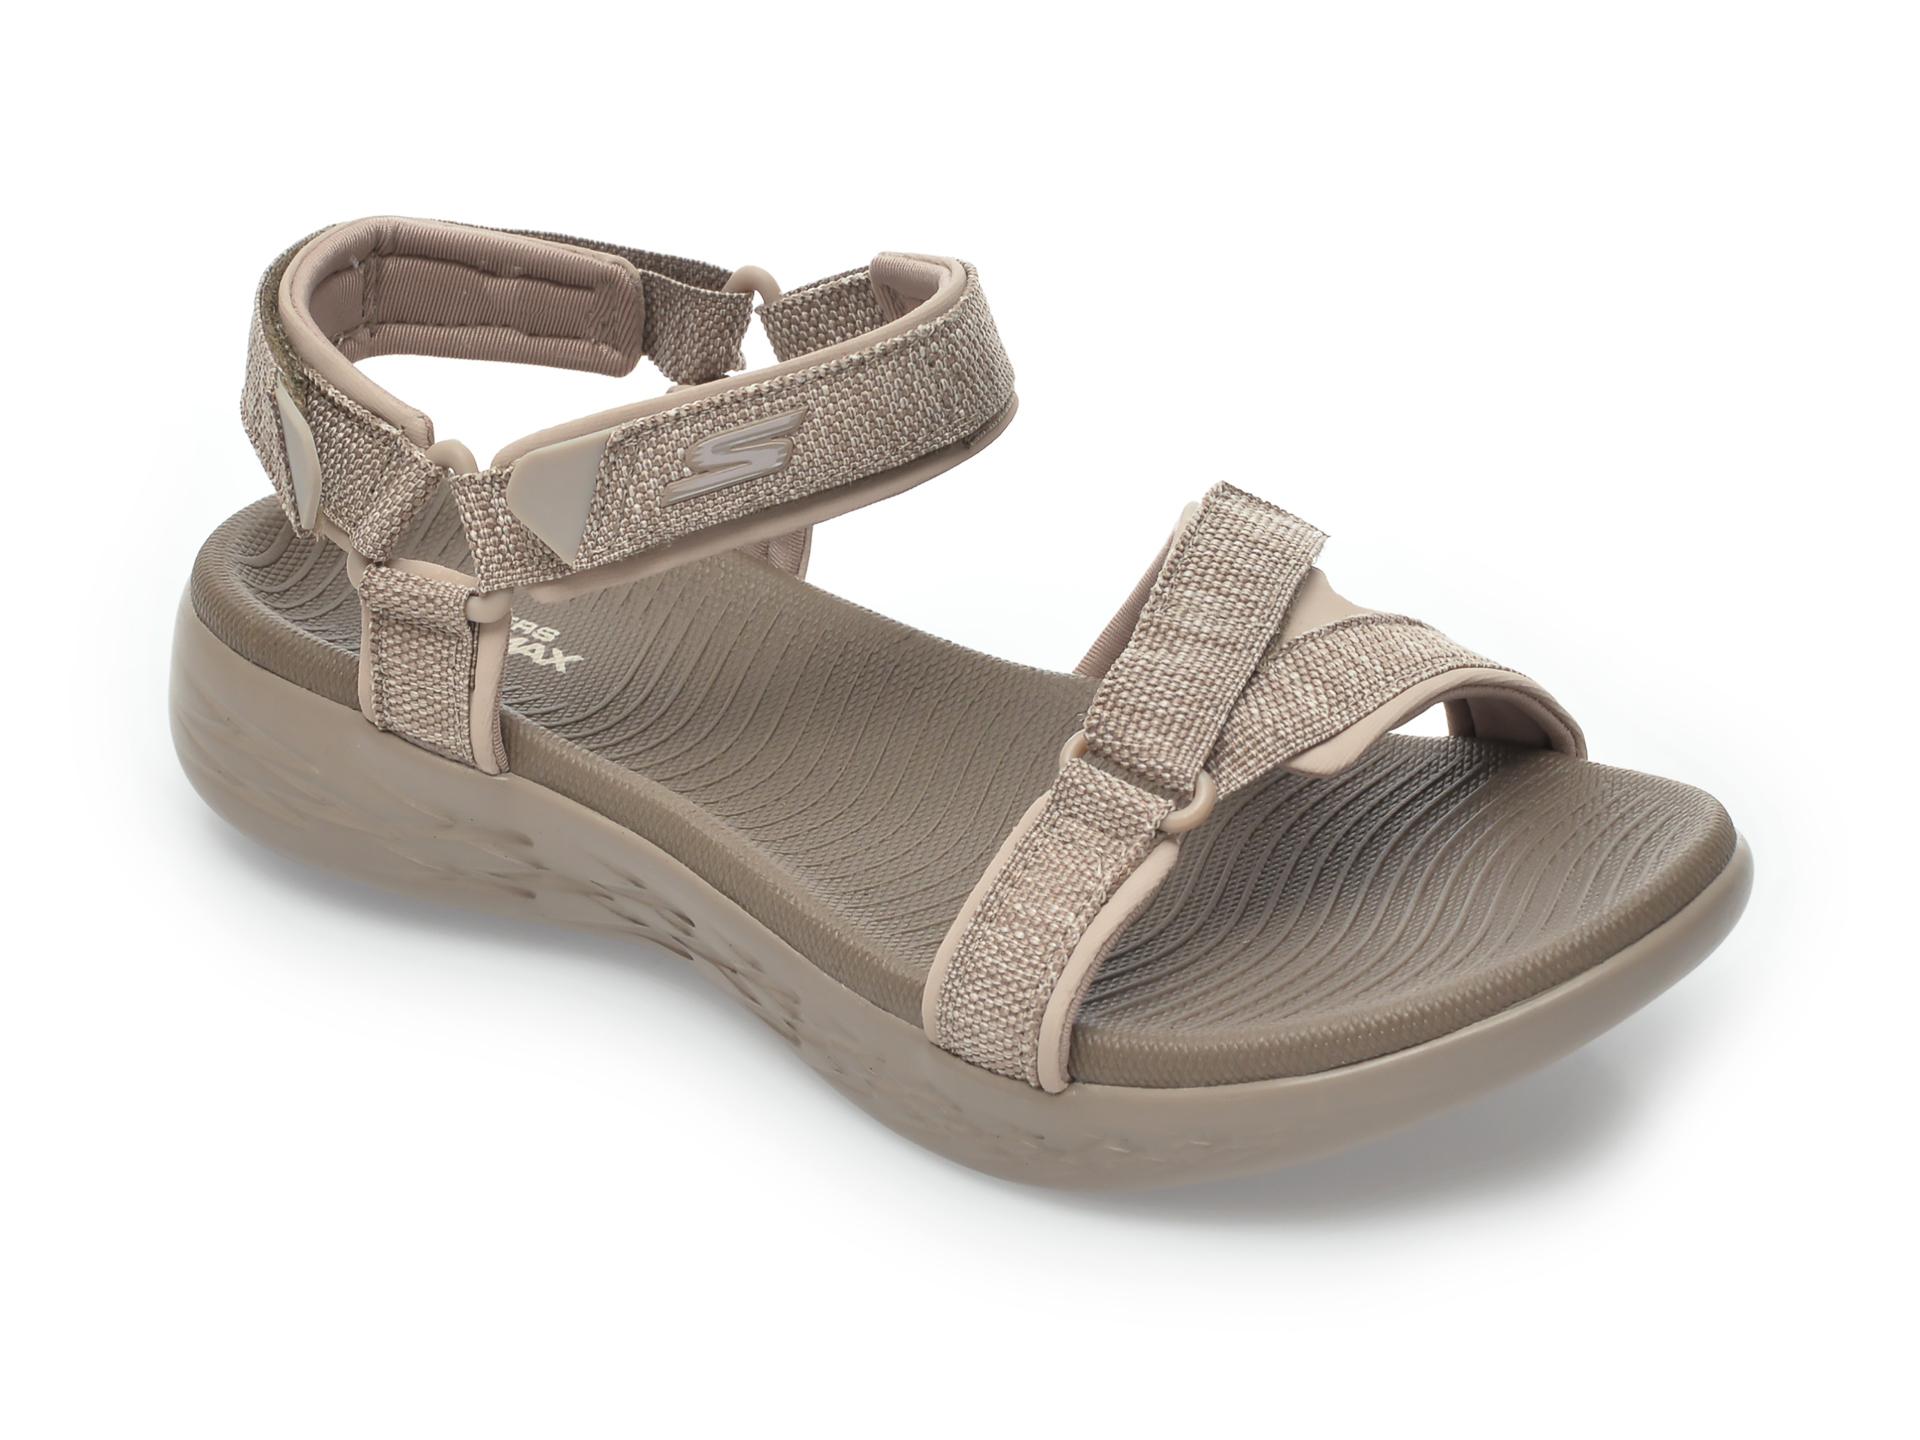 Sandale SKECHERS gri, On-The-Go, din material textil imagine otter.ro 2021